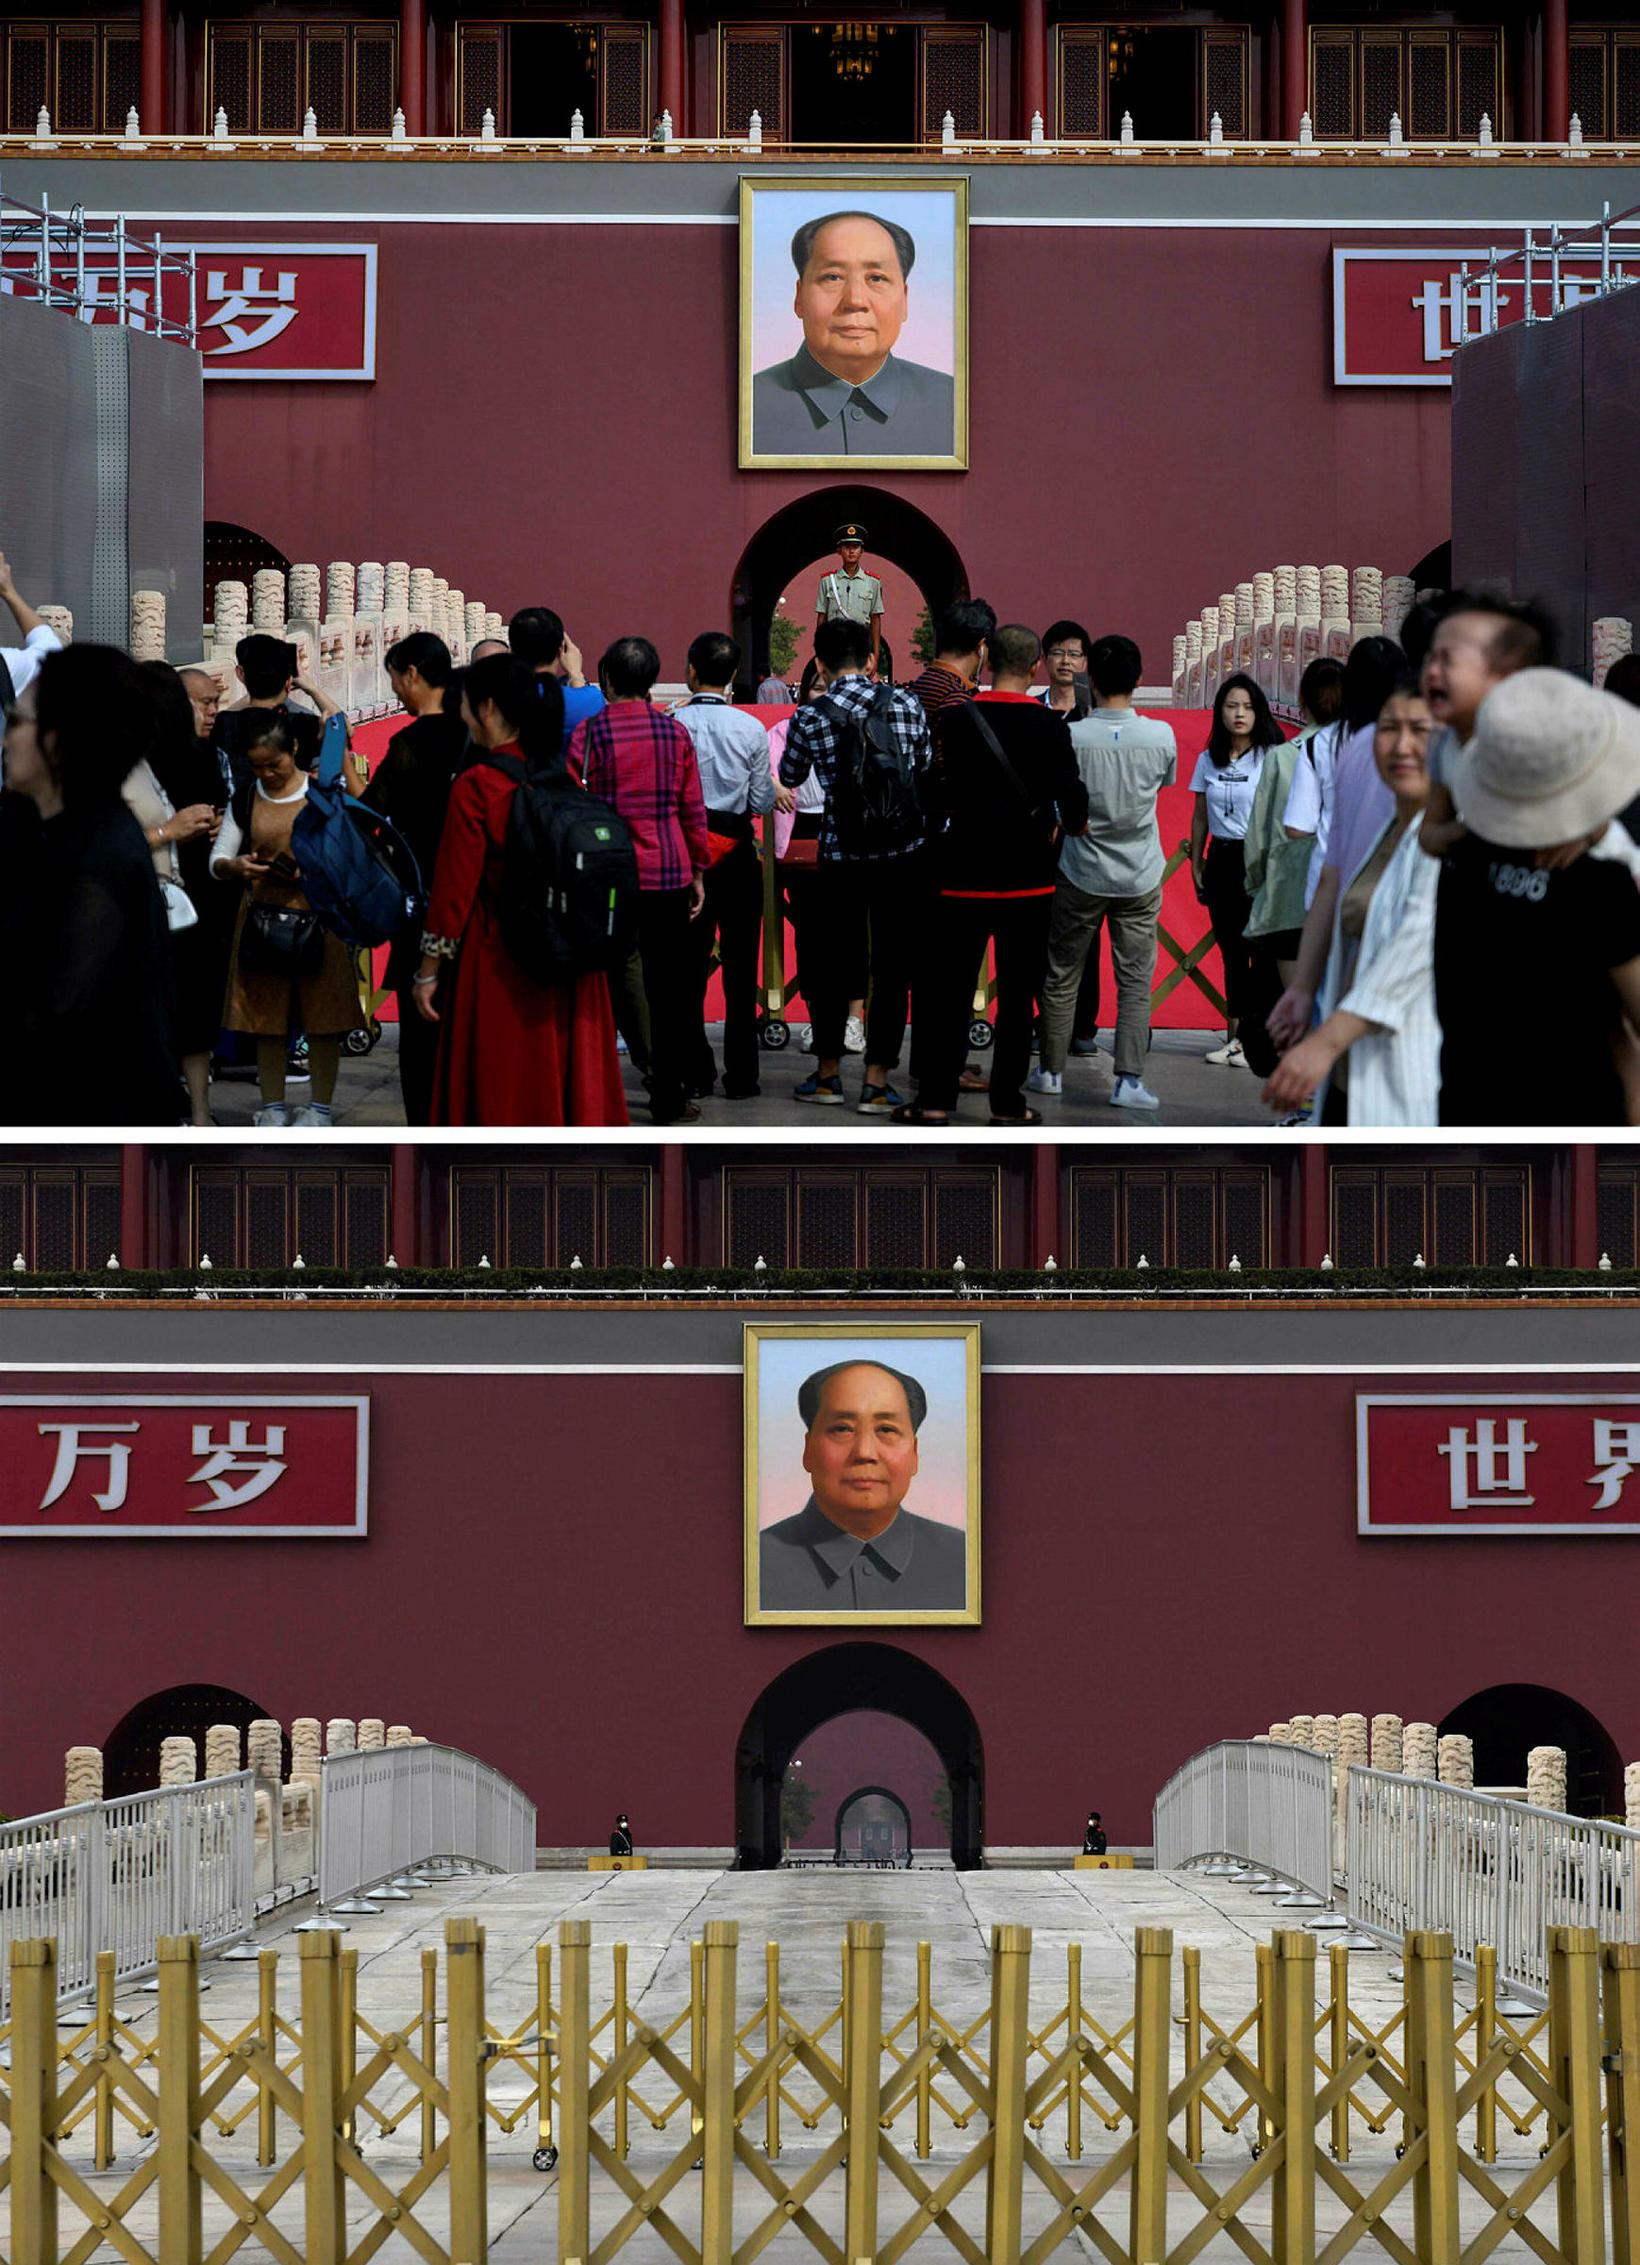 VIð Torg hins himneska friðar í Peking þann 20. september …